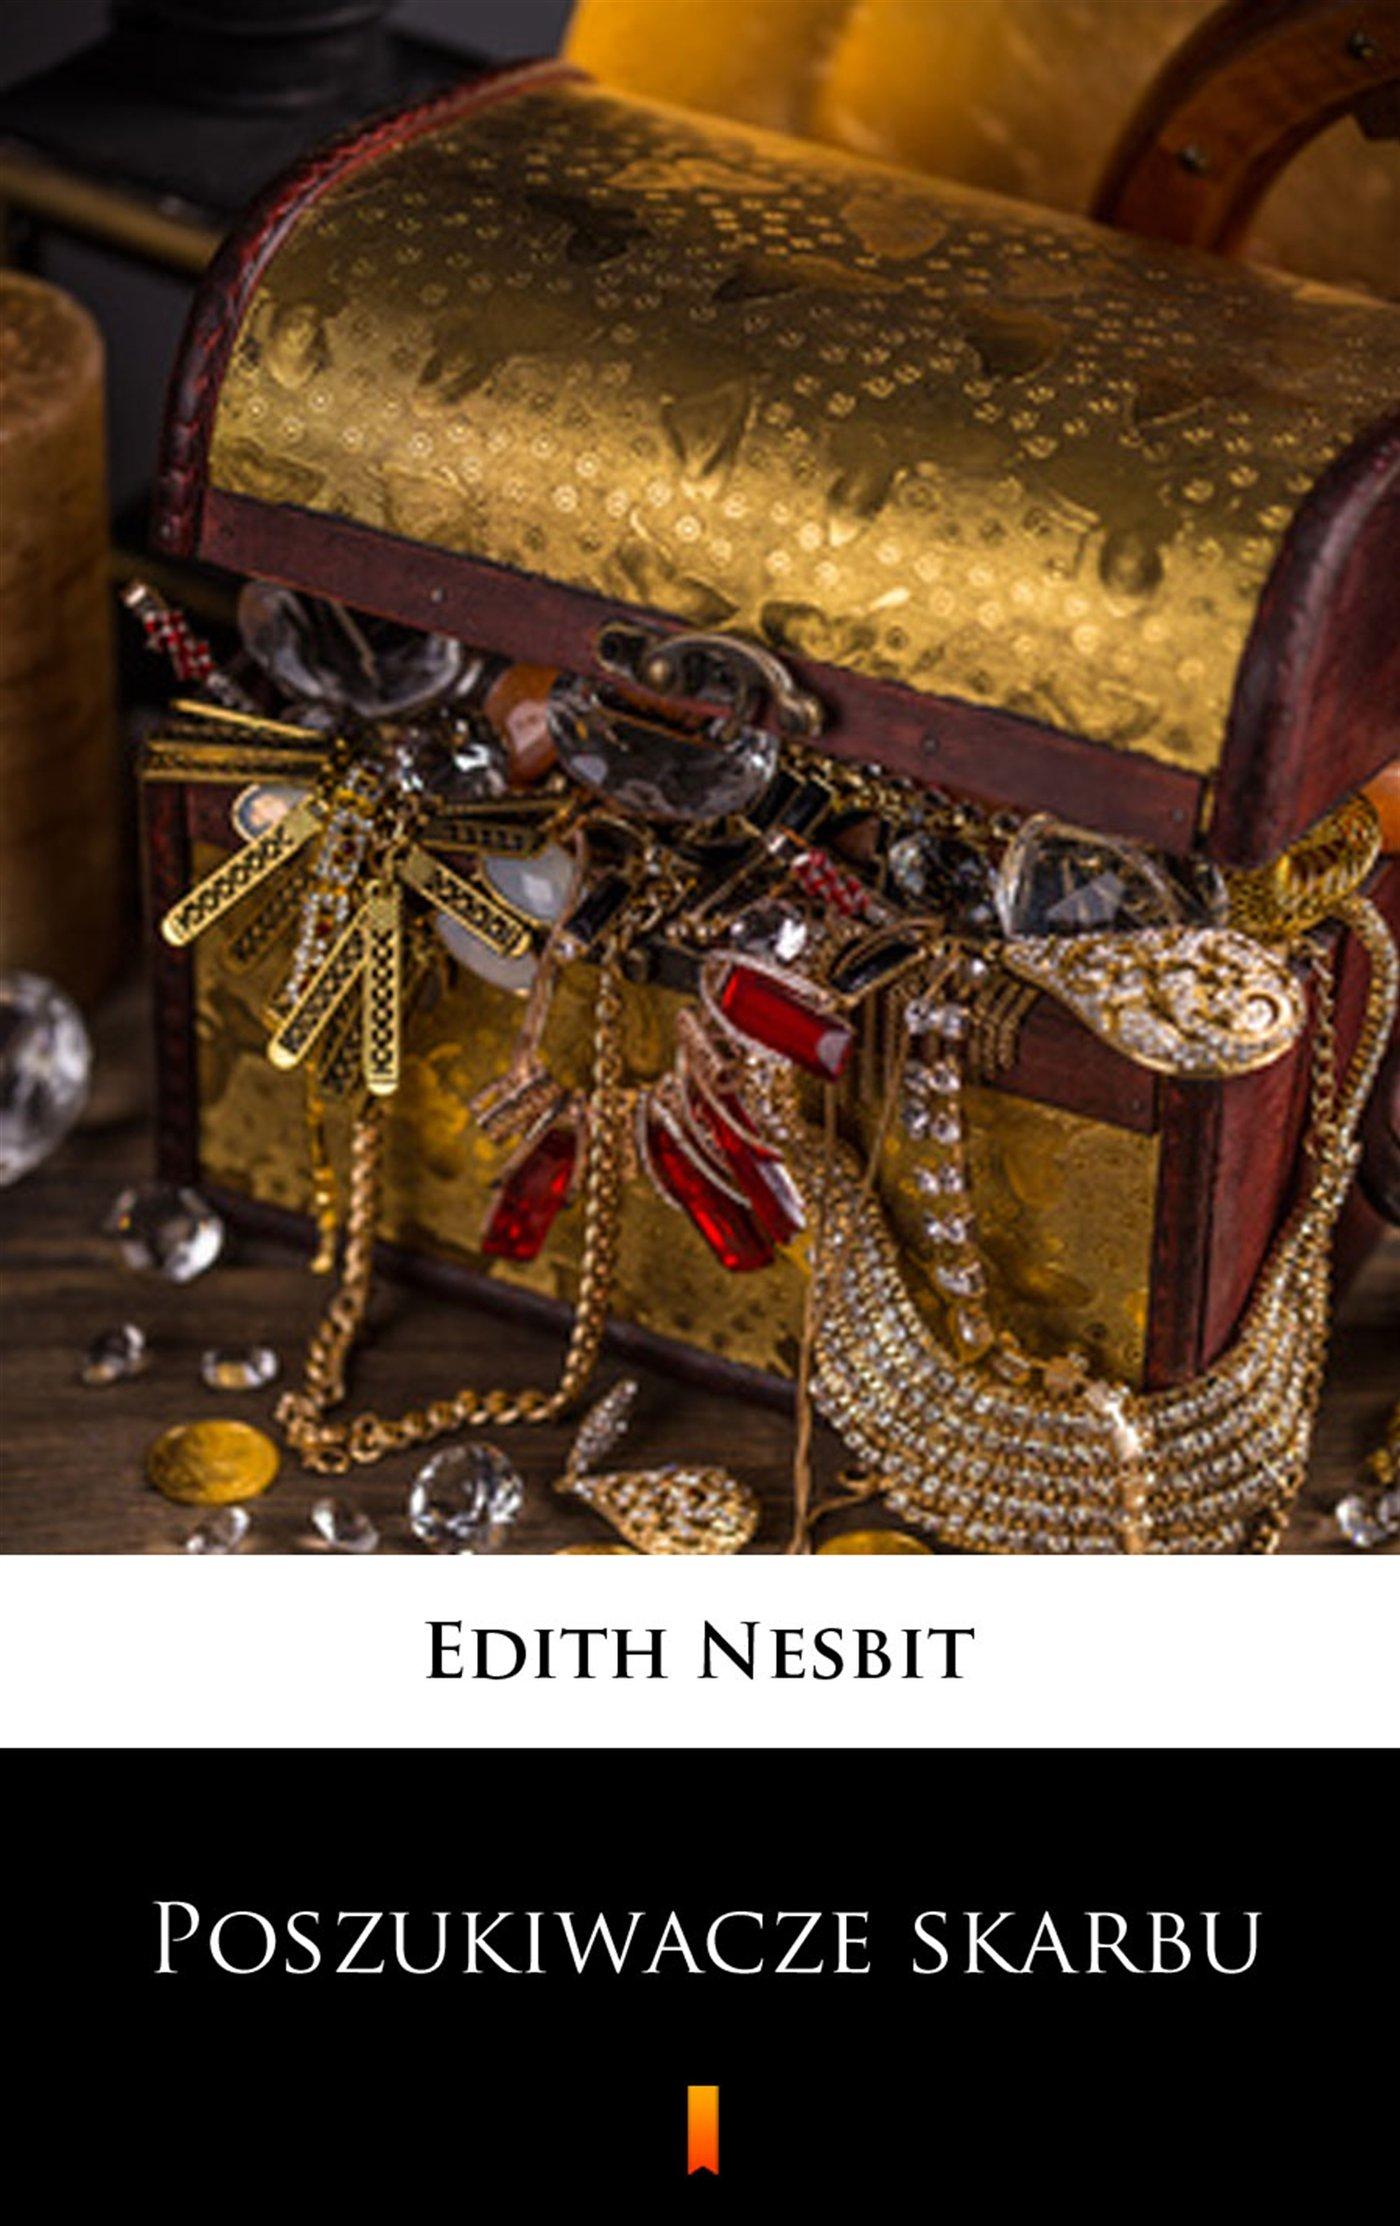 Poszukiwacze skarbu - Ebook (Książka EPUB) do pobrania w formacie EPUB